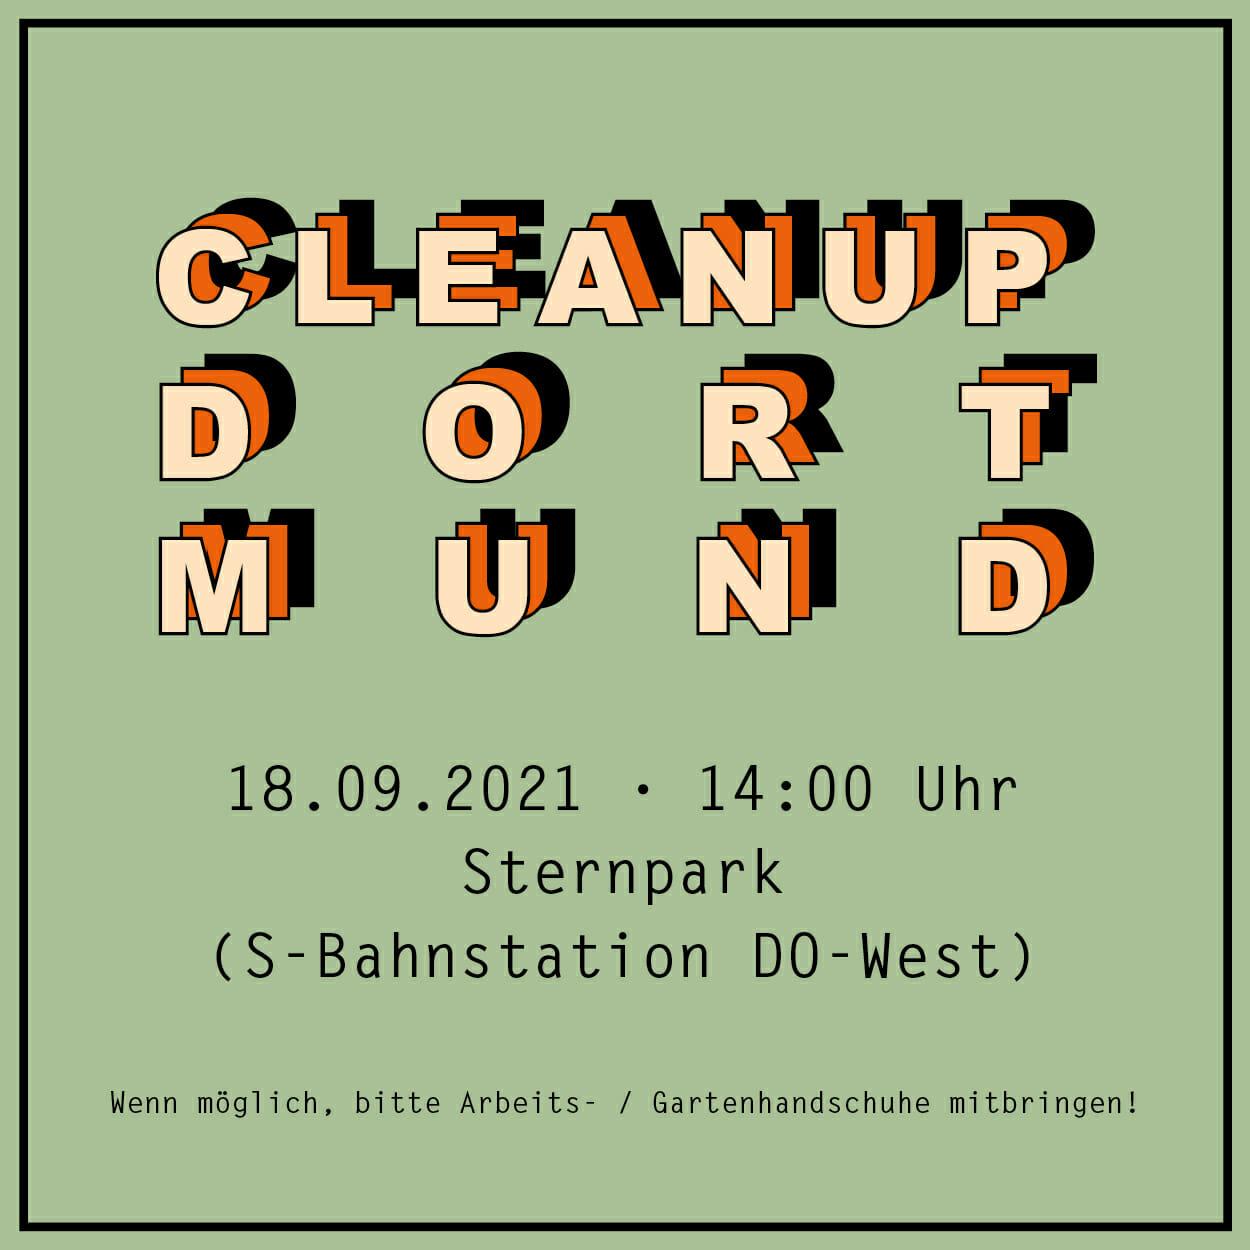 CLEANUP DO-West (Nordrhein-Westfalen)